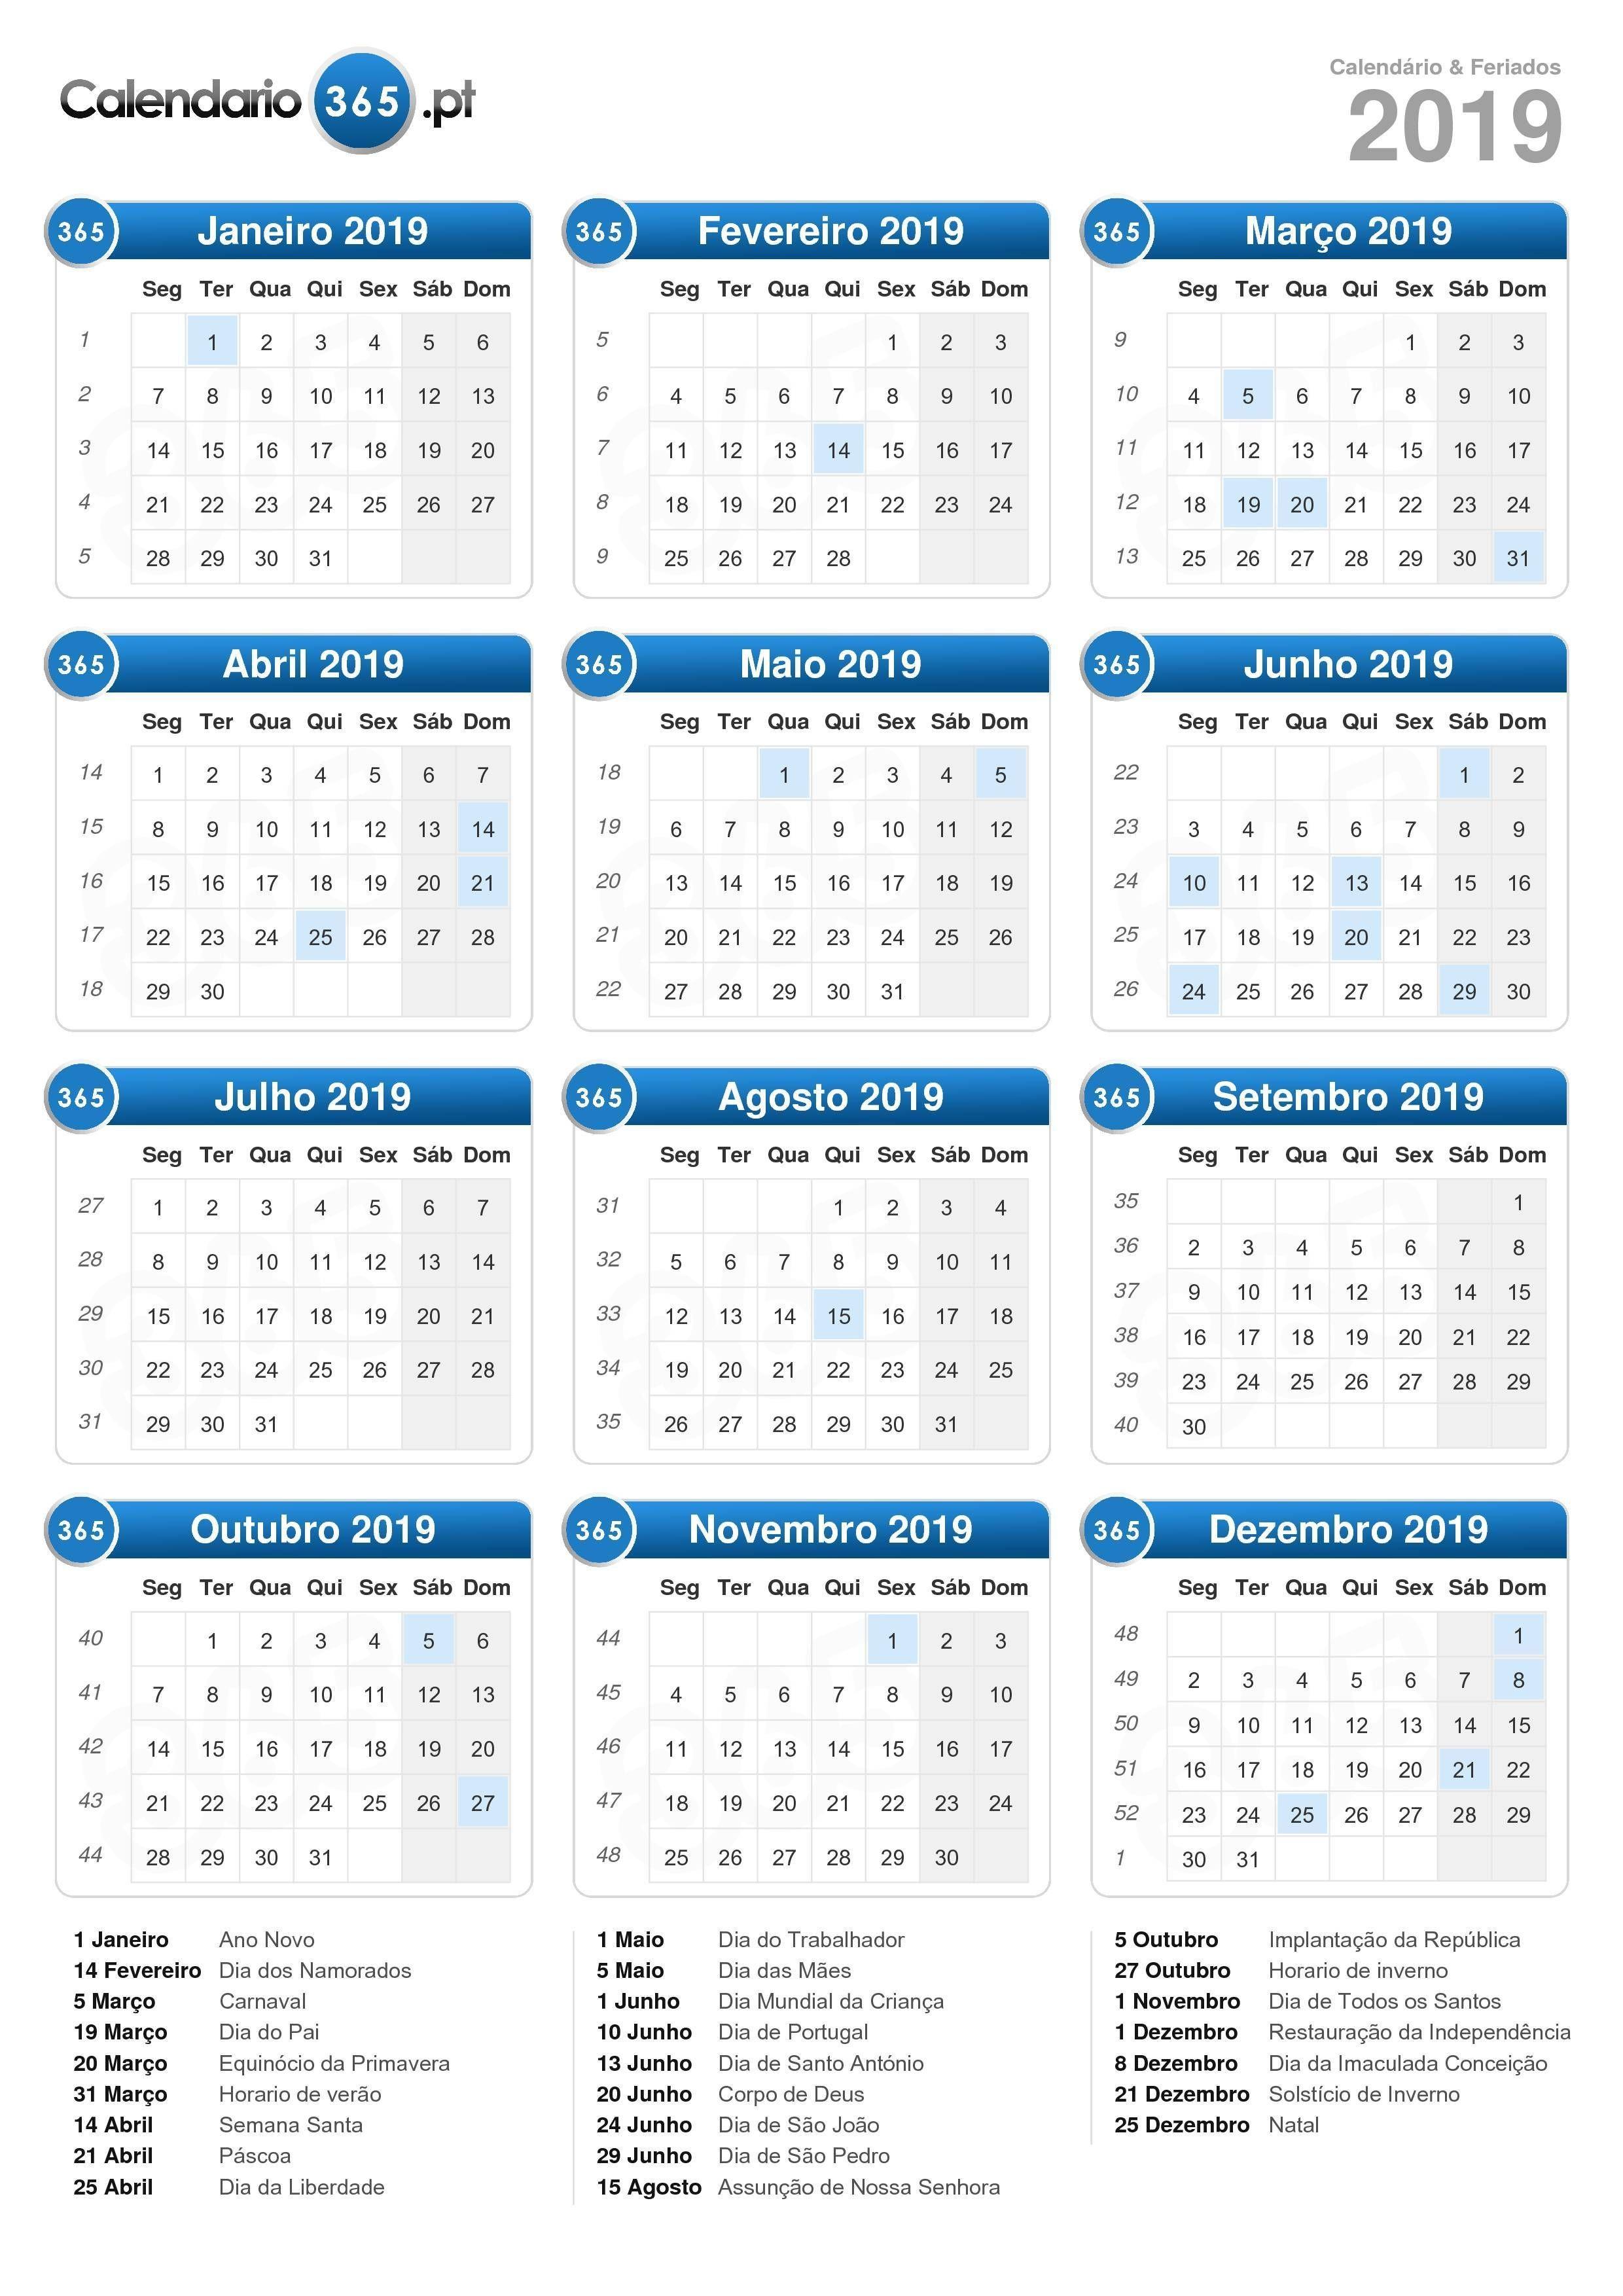 Calendário 2019 formato de retrato